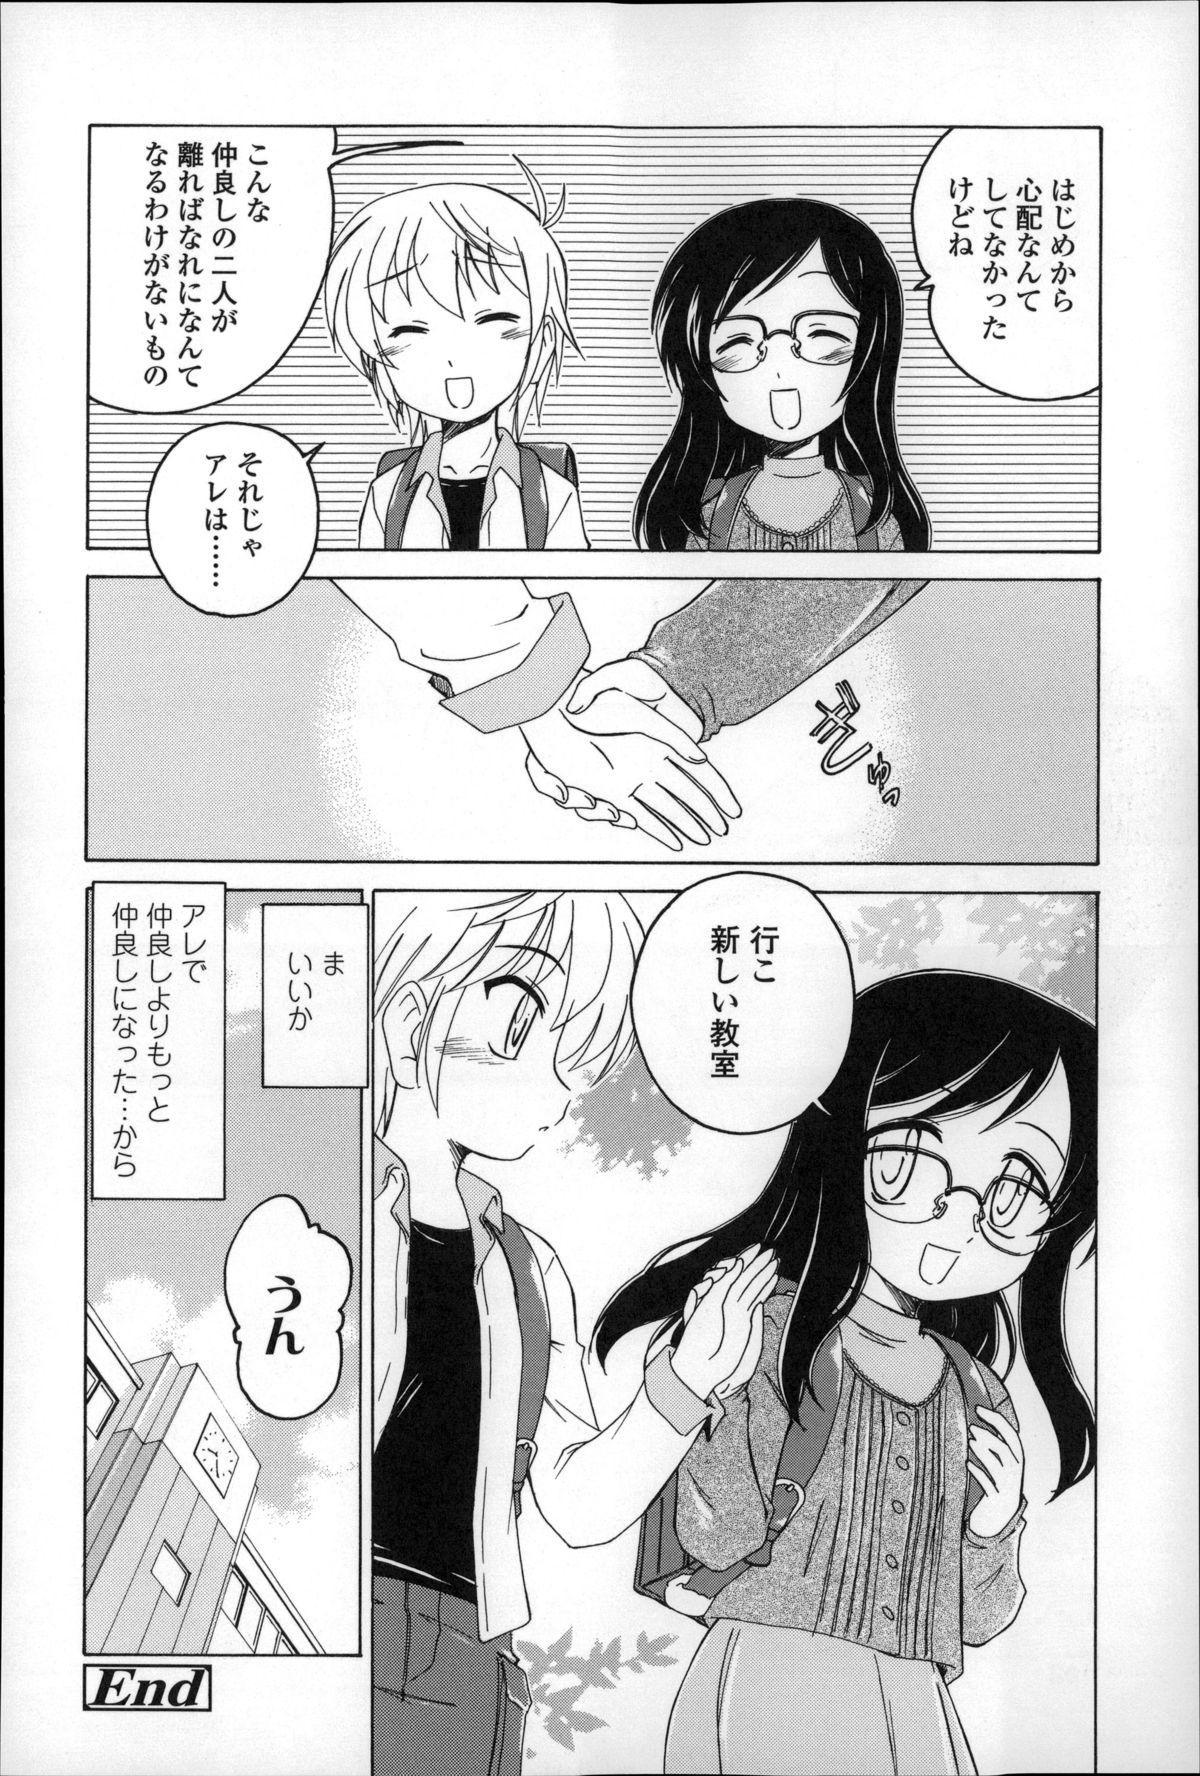 Youshou no Hana no Himitsu - The secret of Girls flowers 107